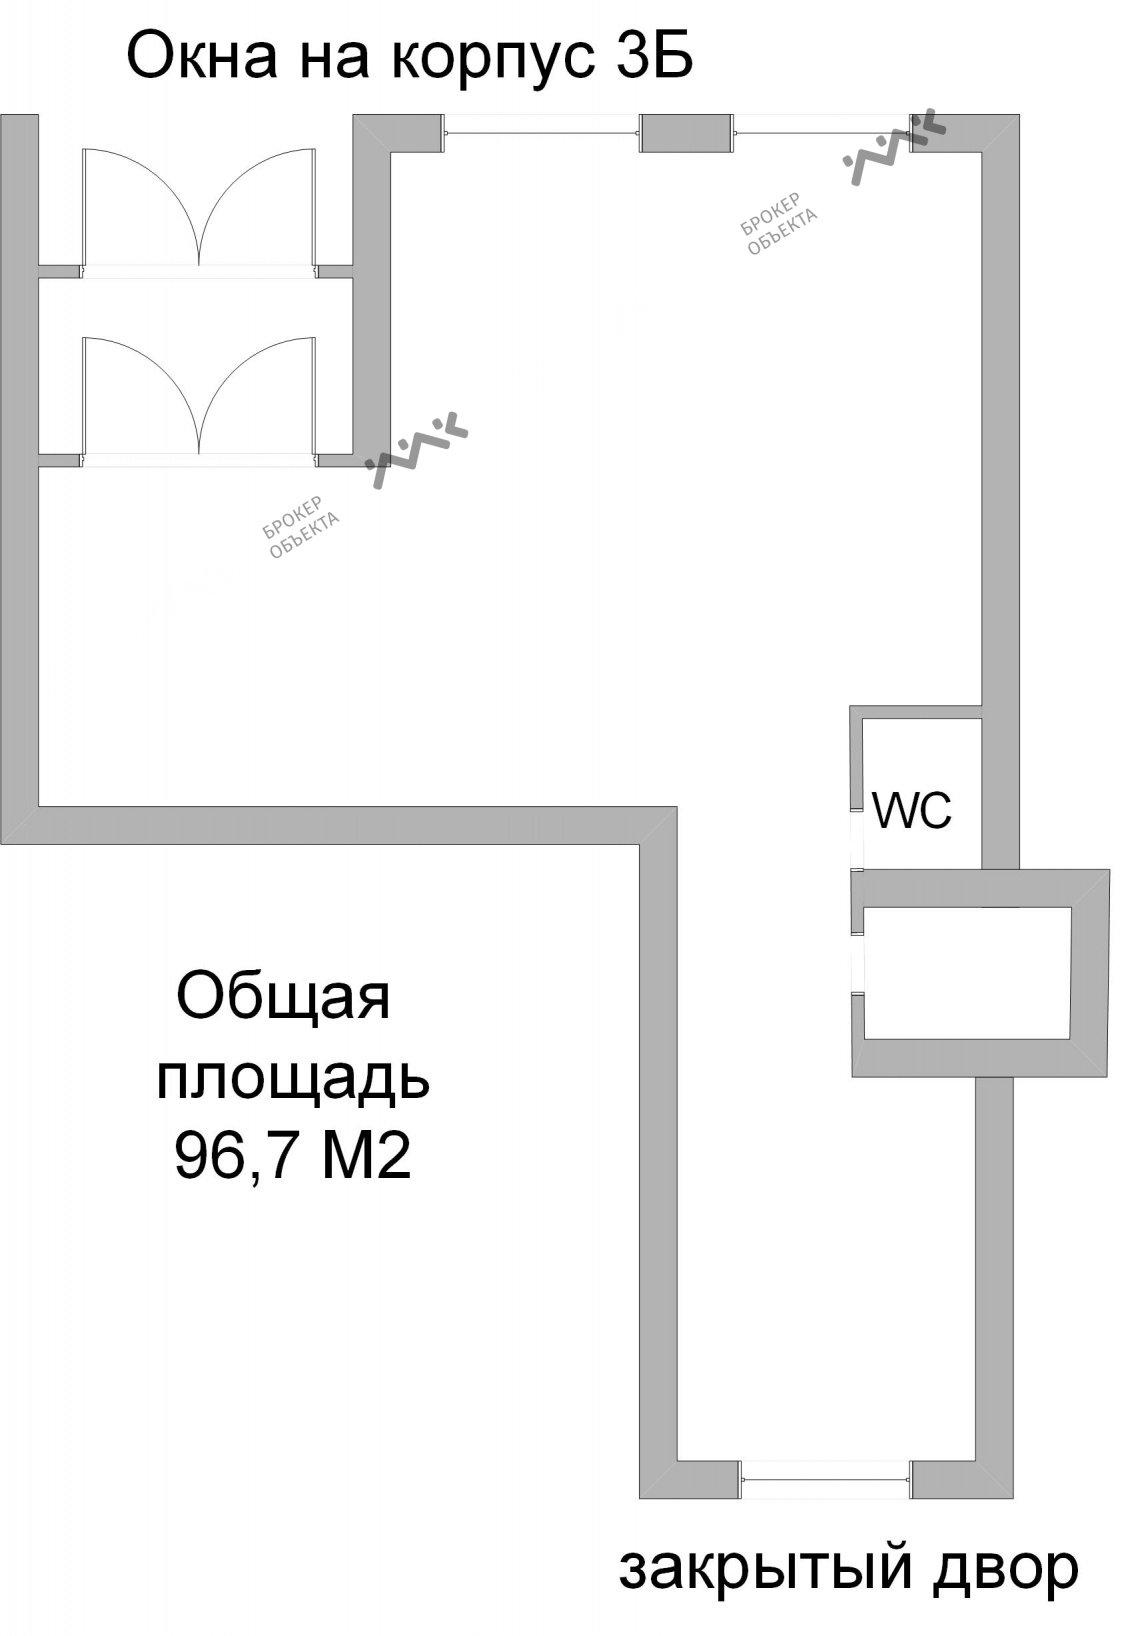 Планировка Кременчугская ул., д.9, к.2. Лот № 848335